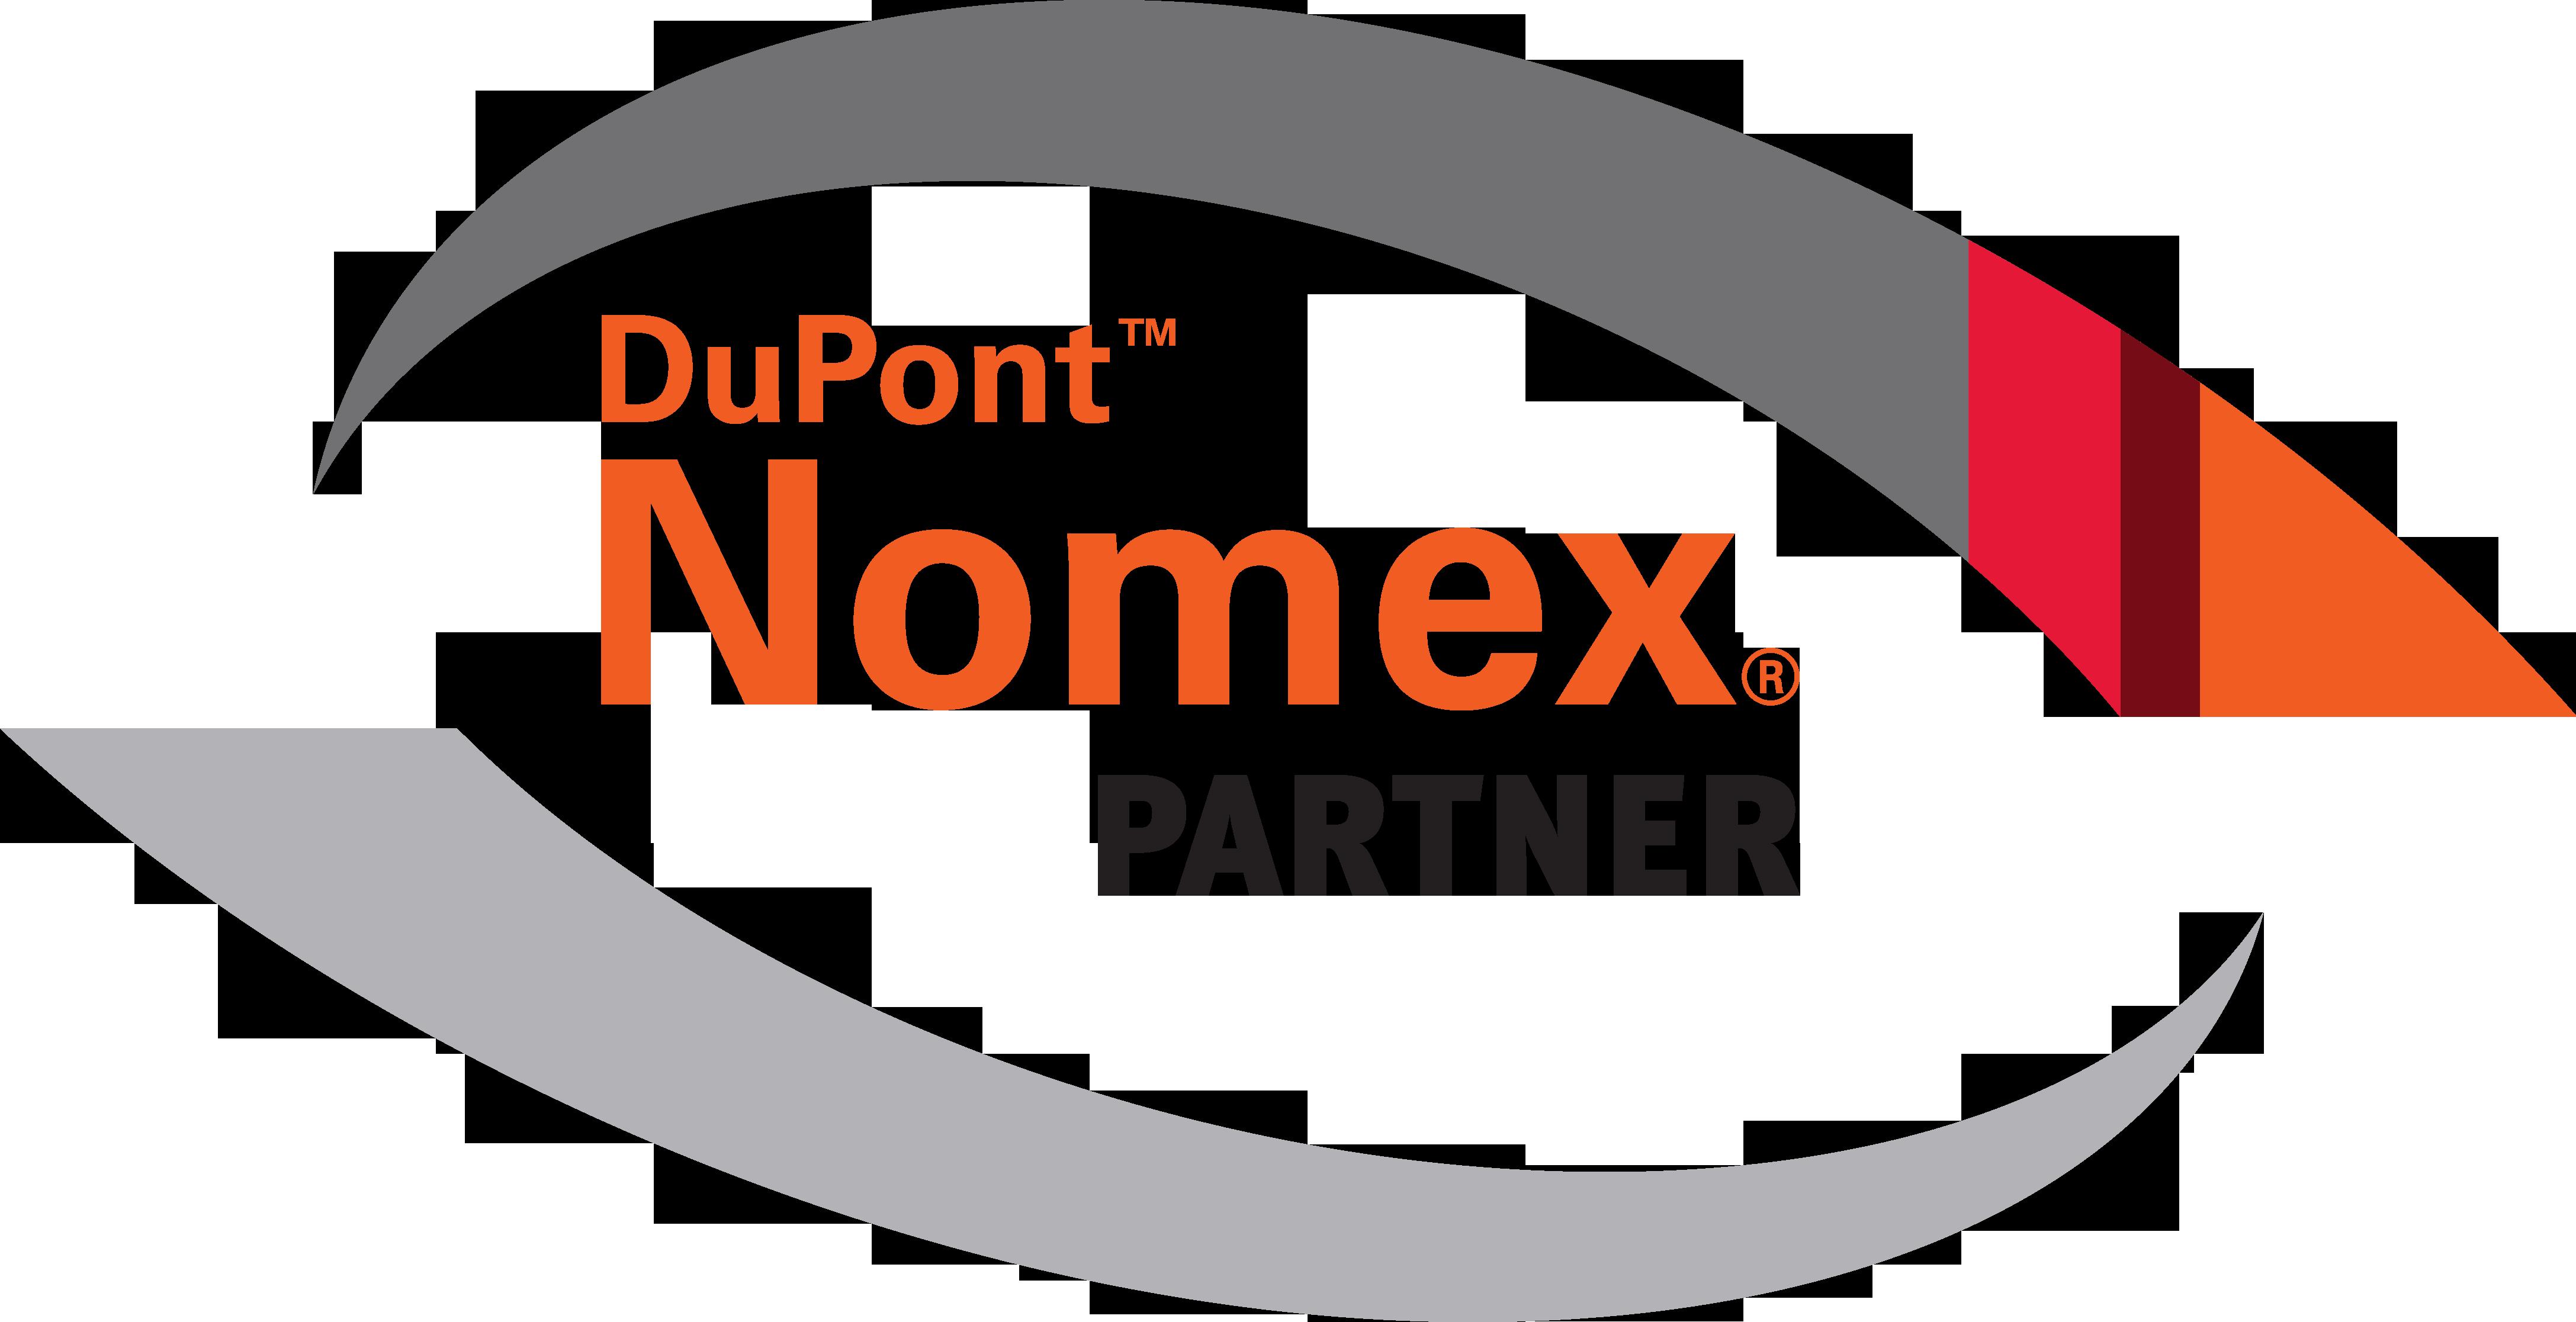 DUPONT™ NOMEX® PARTNER